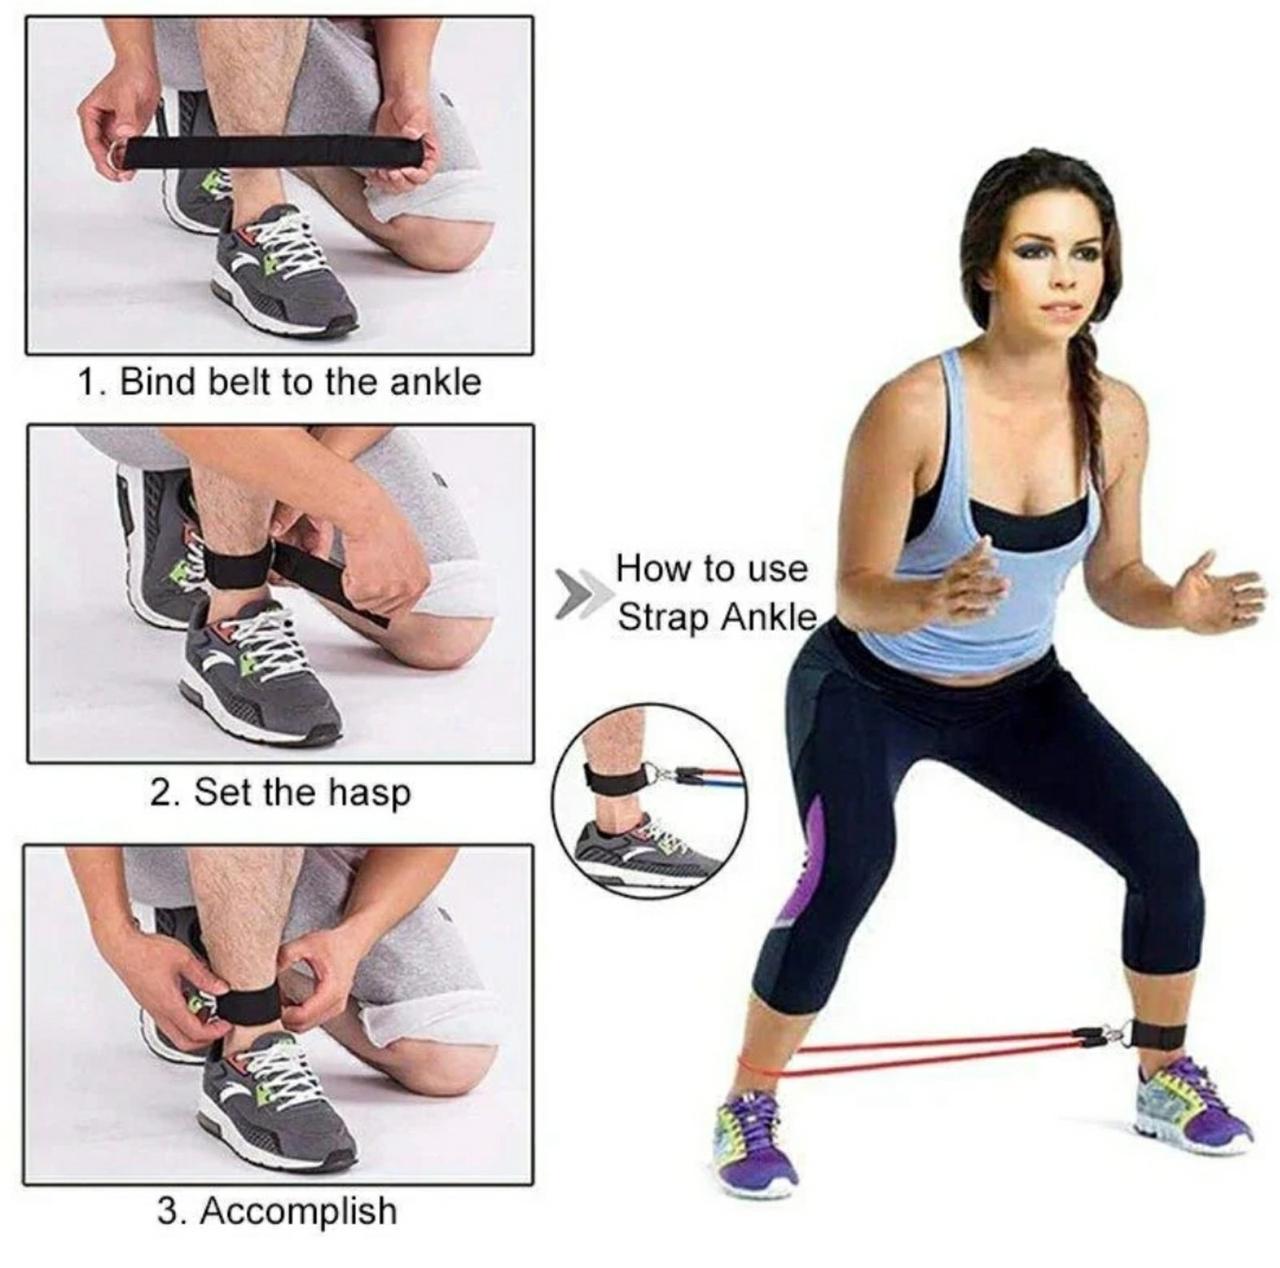 Комплект эспандеров для фитнеса Treaning Pro, 5 уровней сложности, чехол в комплекте